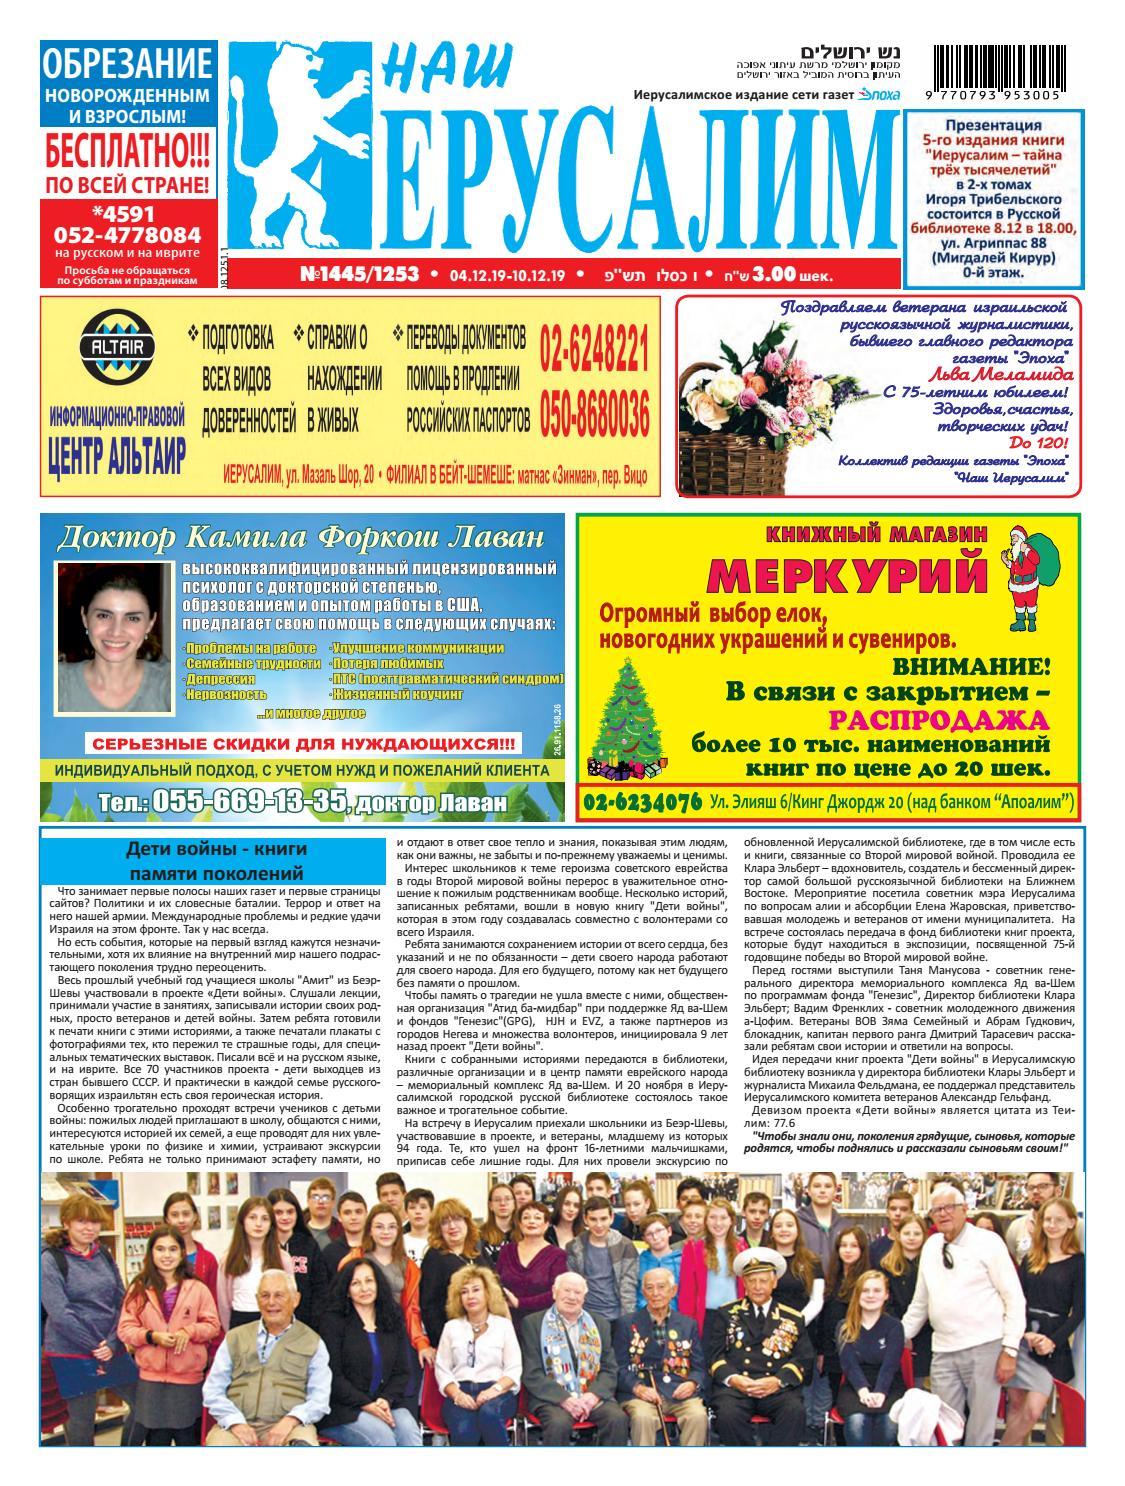 Вступление в наследство без завещания в украине